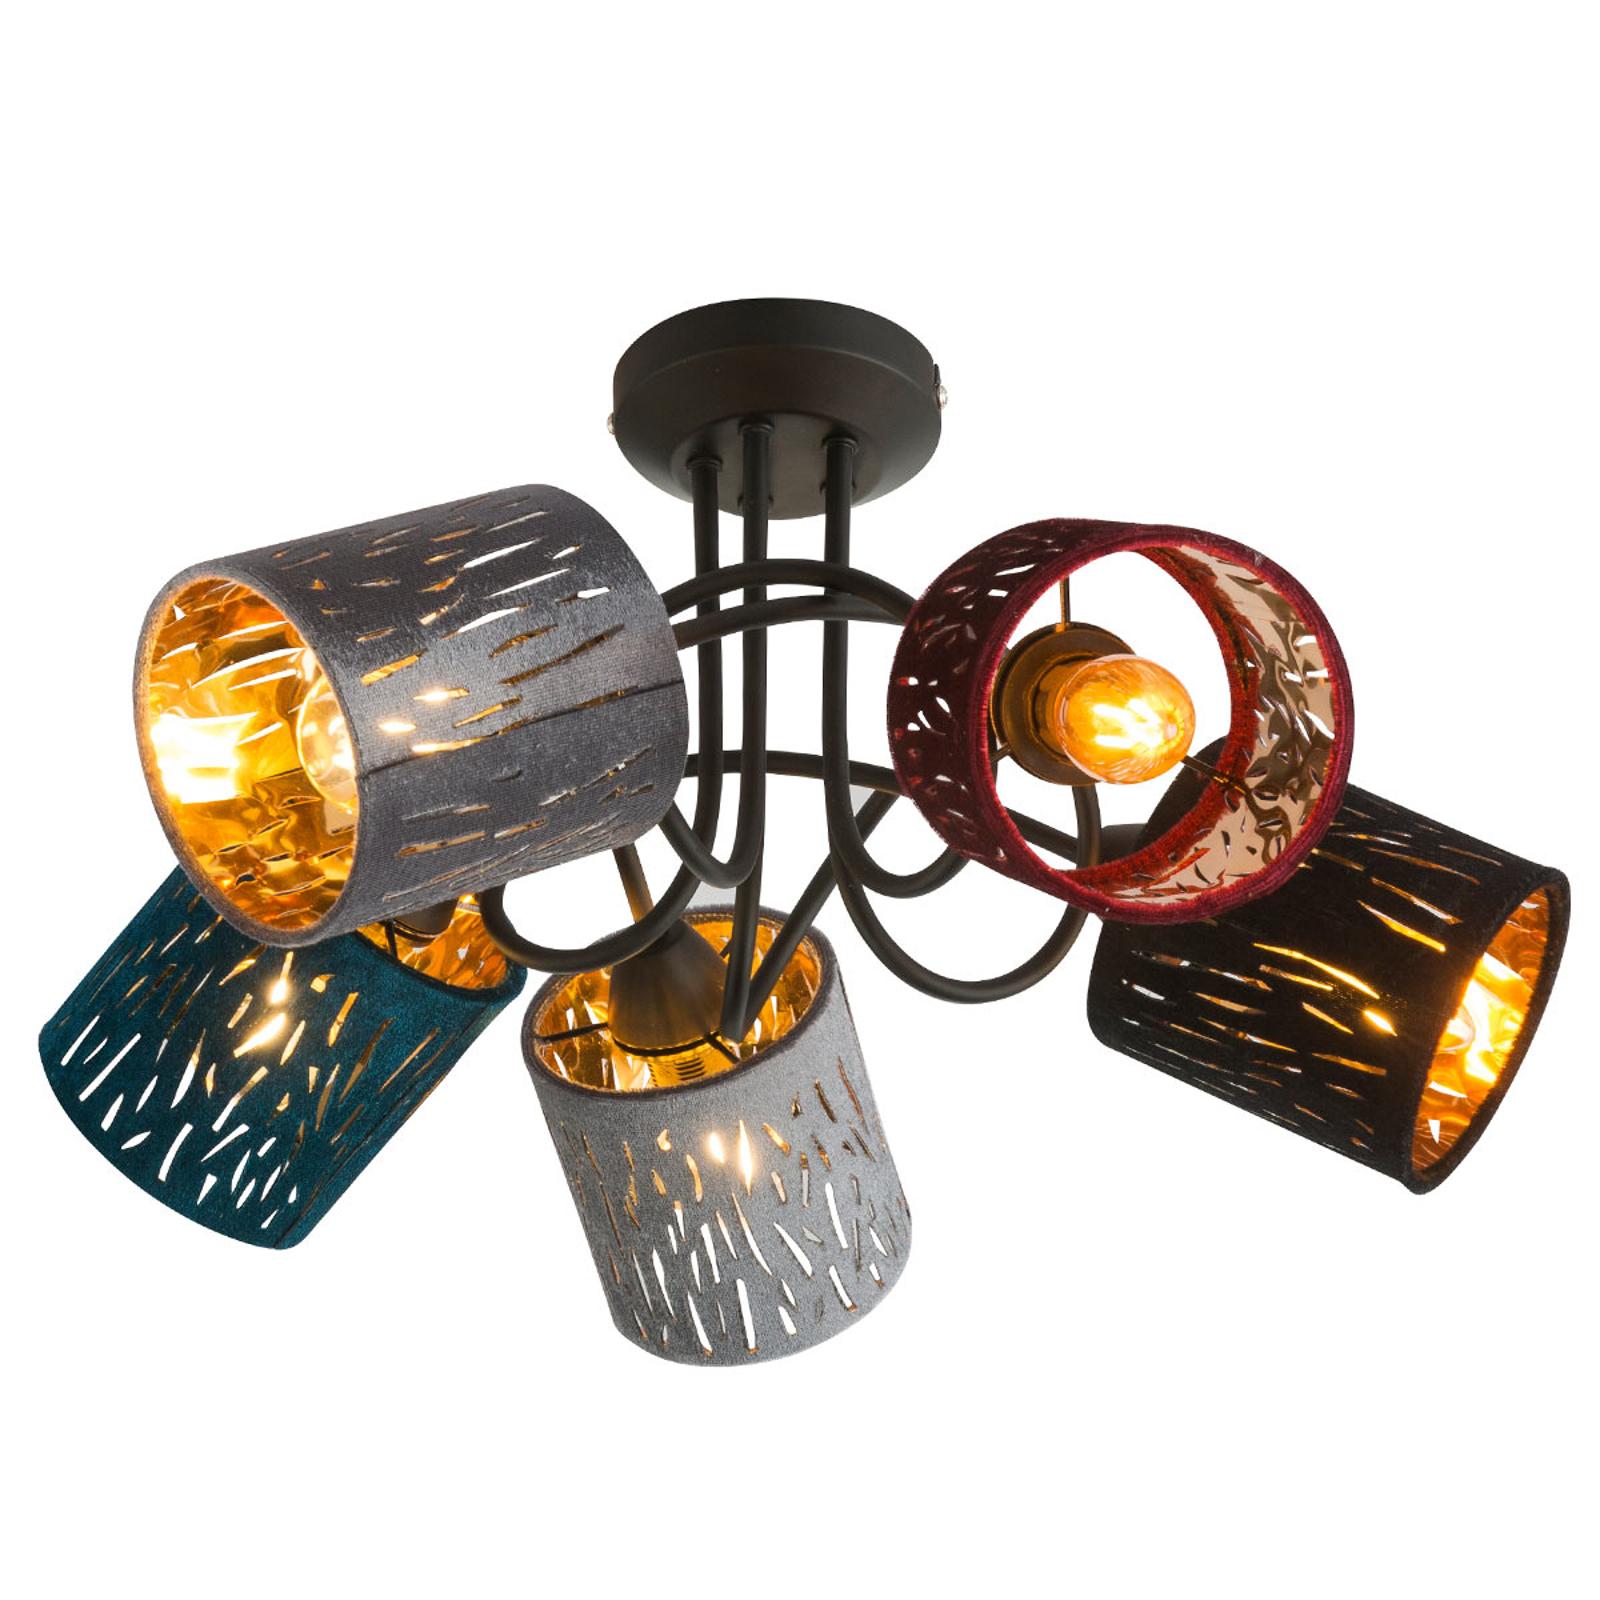 Taklampe Ticon med 5 lyskilder og moderne design